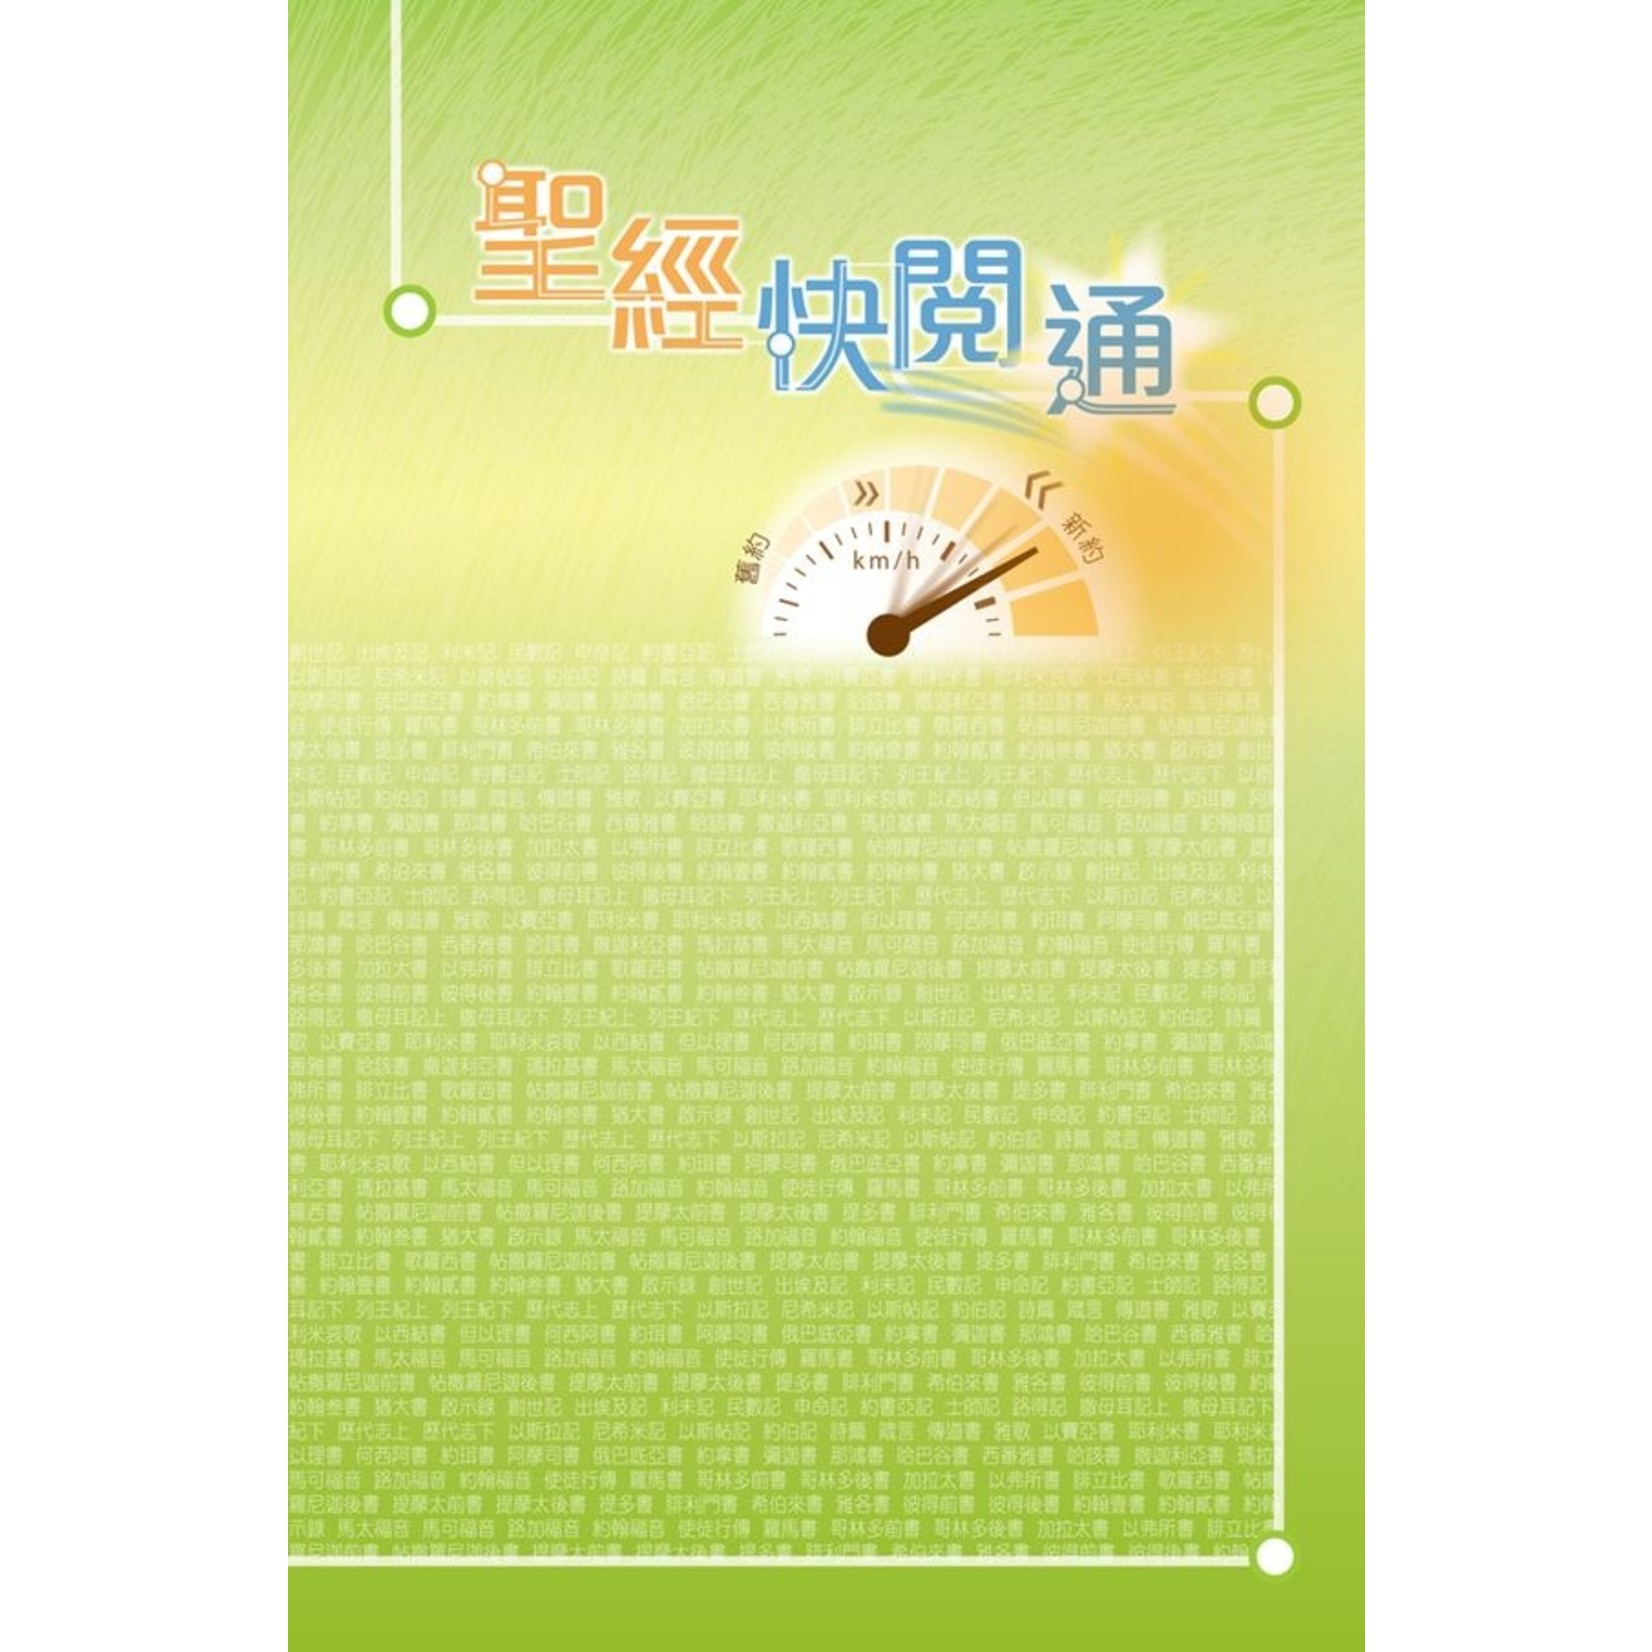 環球聖經公會 The Worldwide Bible Society 聖經快閱通(簡體)